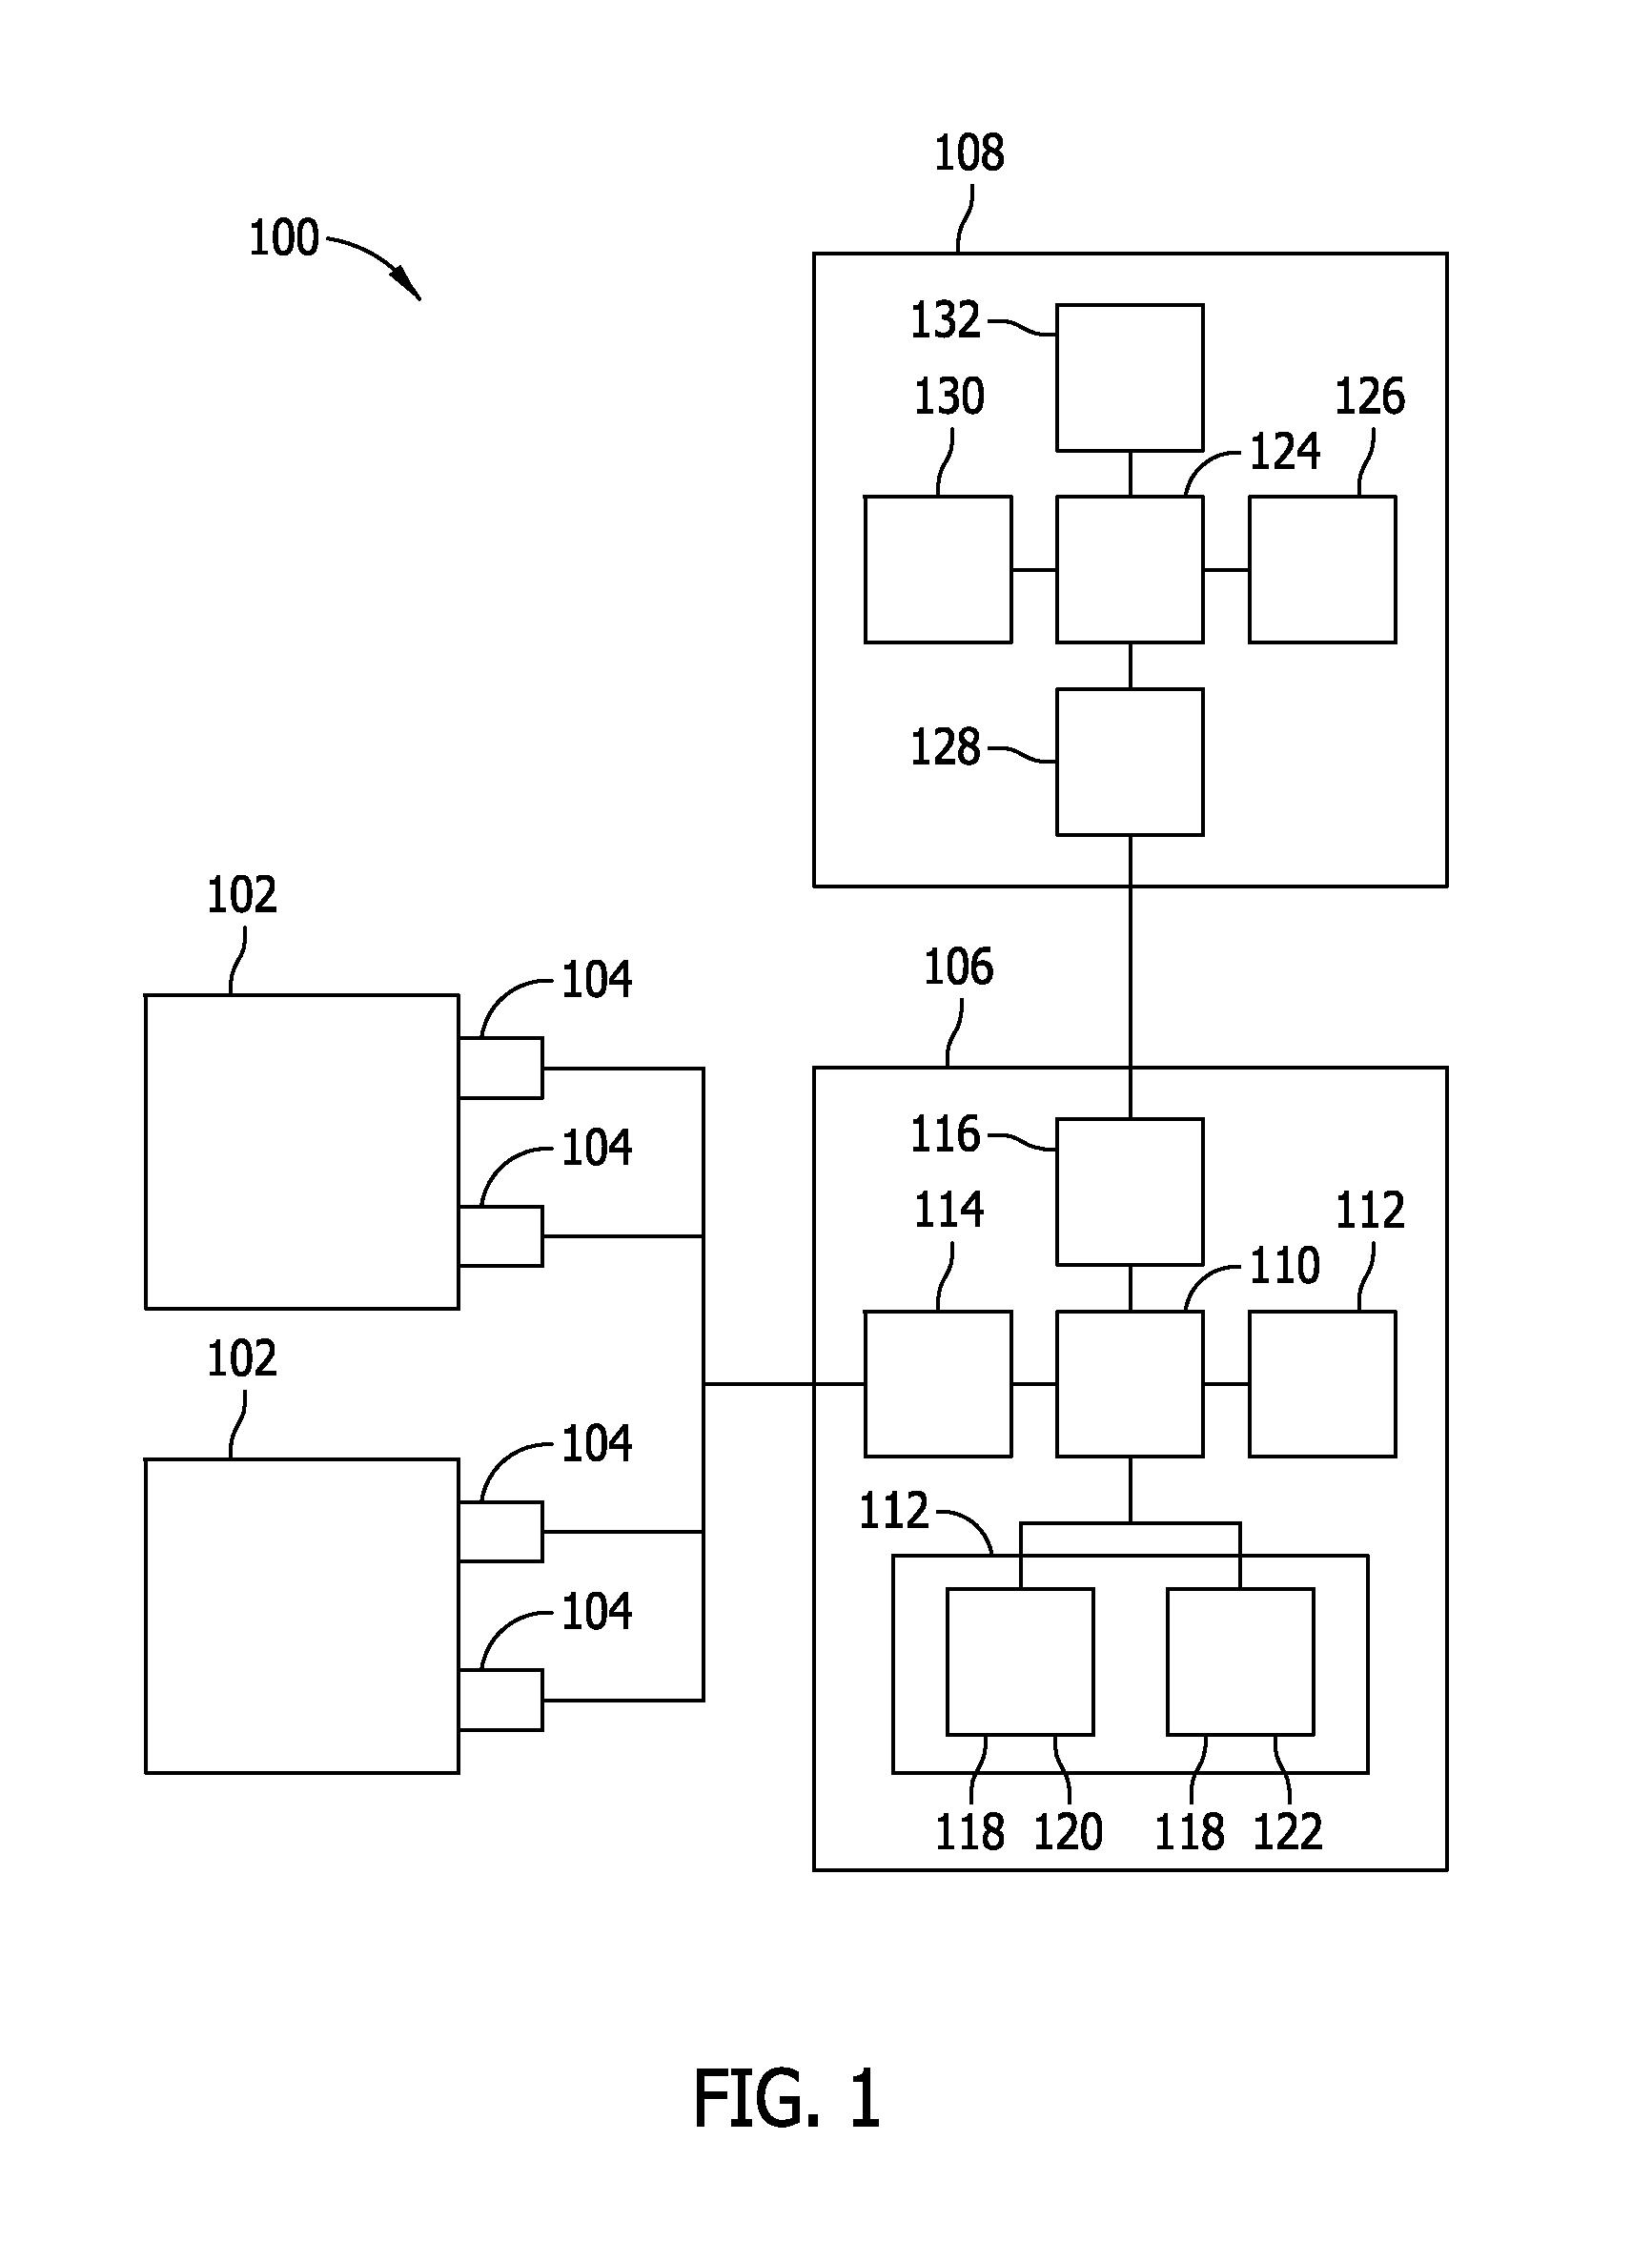 abb ach550 vfd wiring diagram wiring diagrams abb drive ach550 wiring diagram further